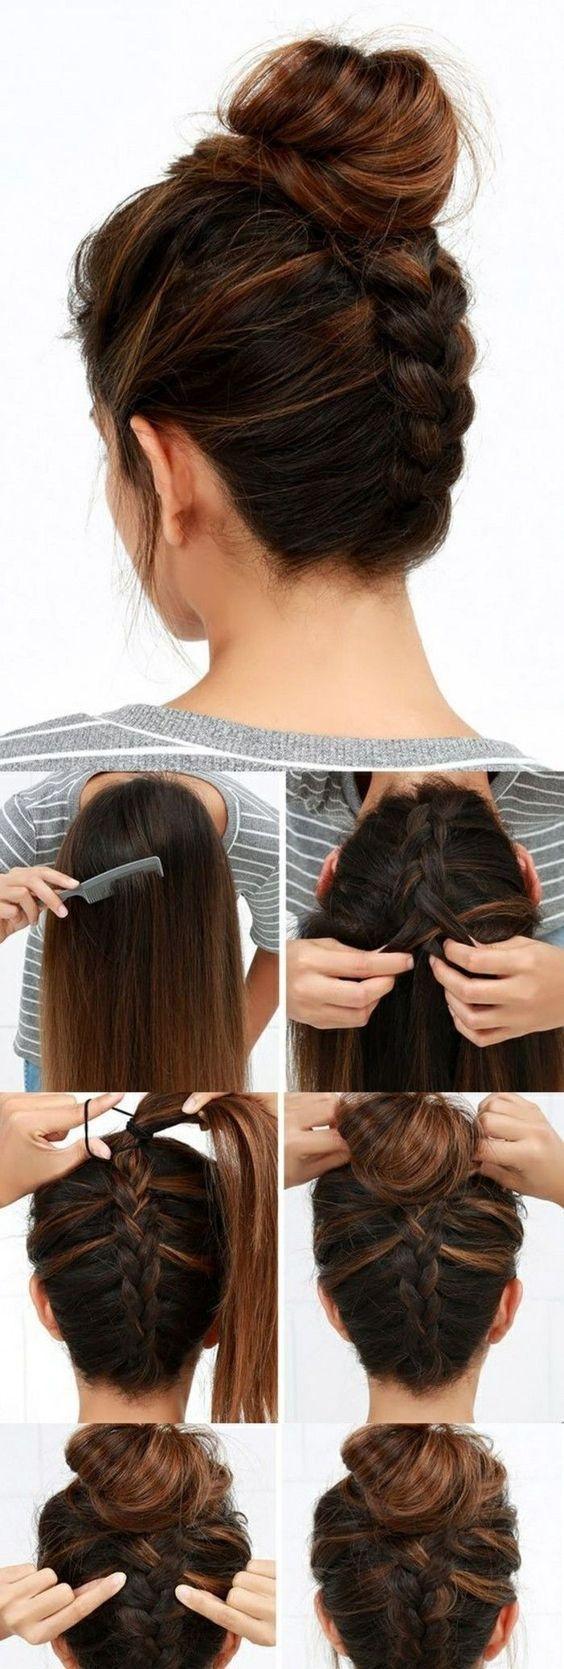 Tutoriels Faciles Pour Bien Coiffer Vos Cheveux Cheveux